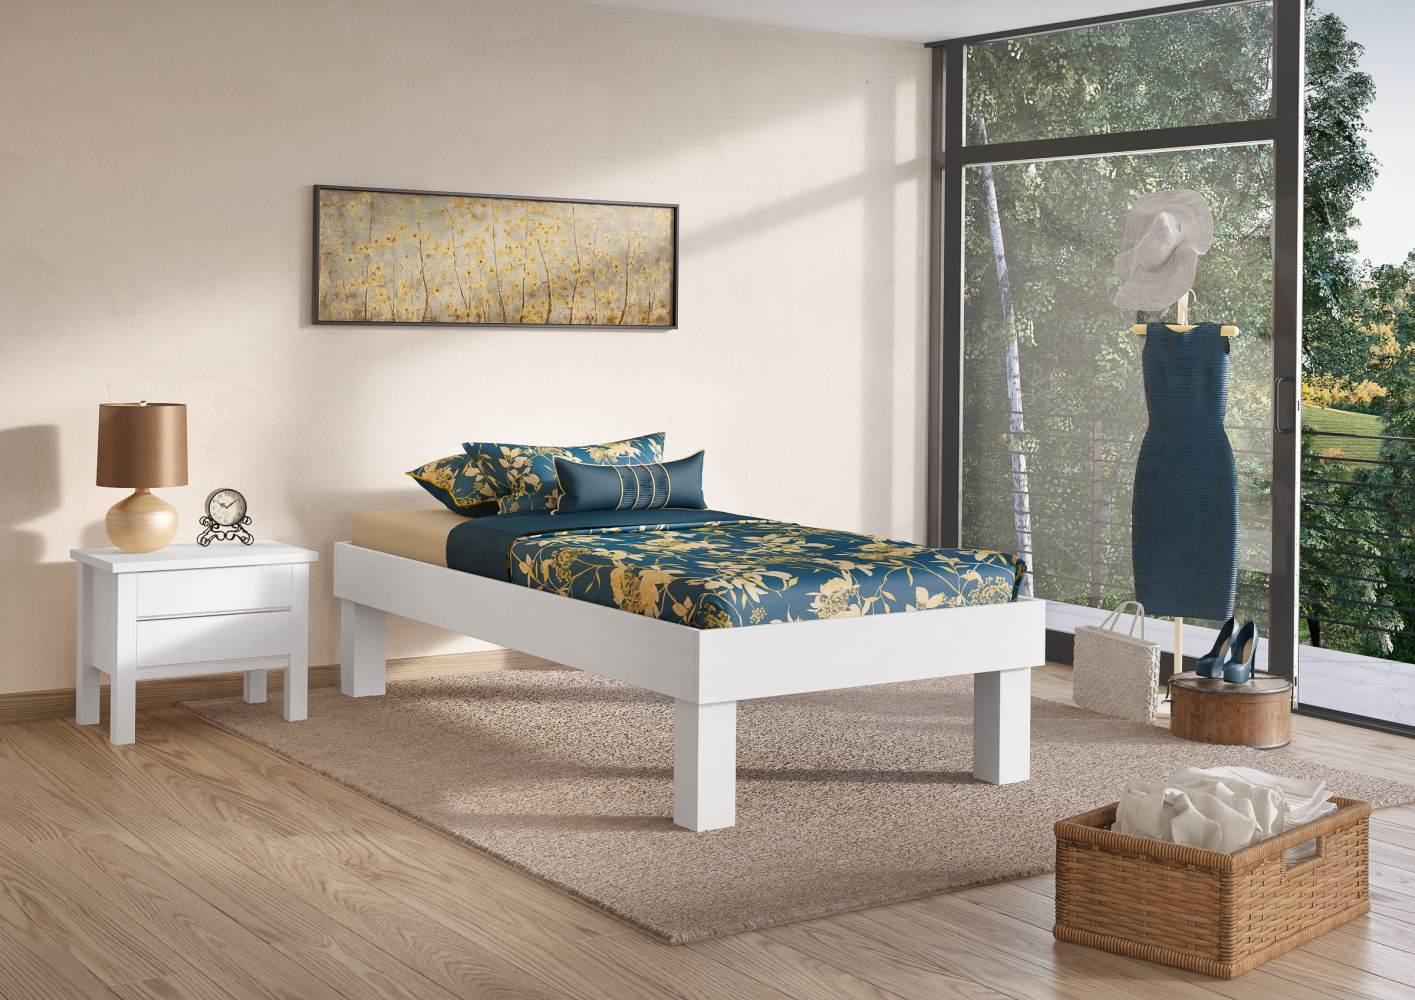 Erst-Holz Futonbett mit hohen Füßen 100x200 cm Bild 1